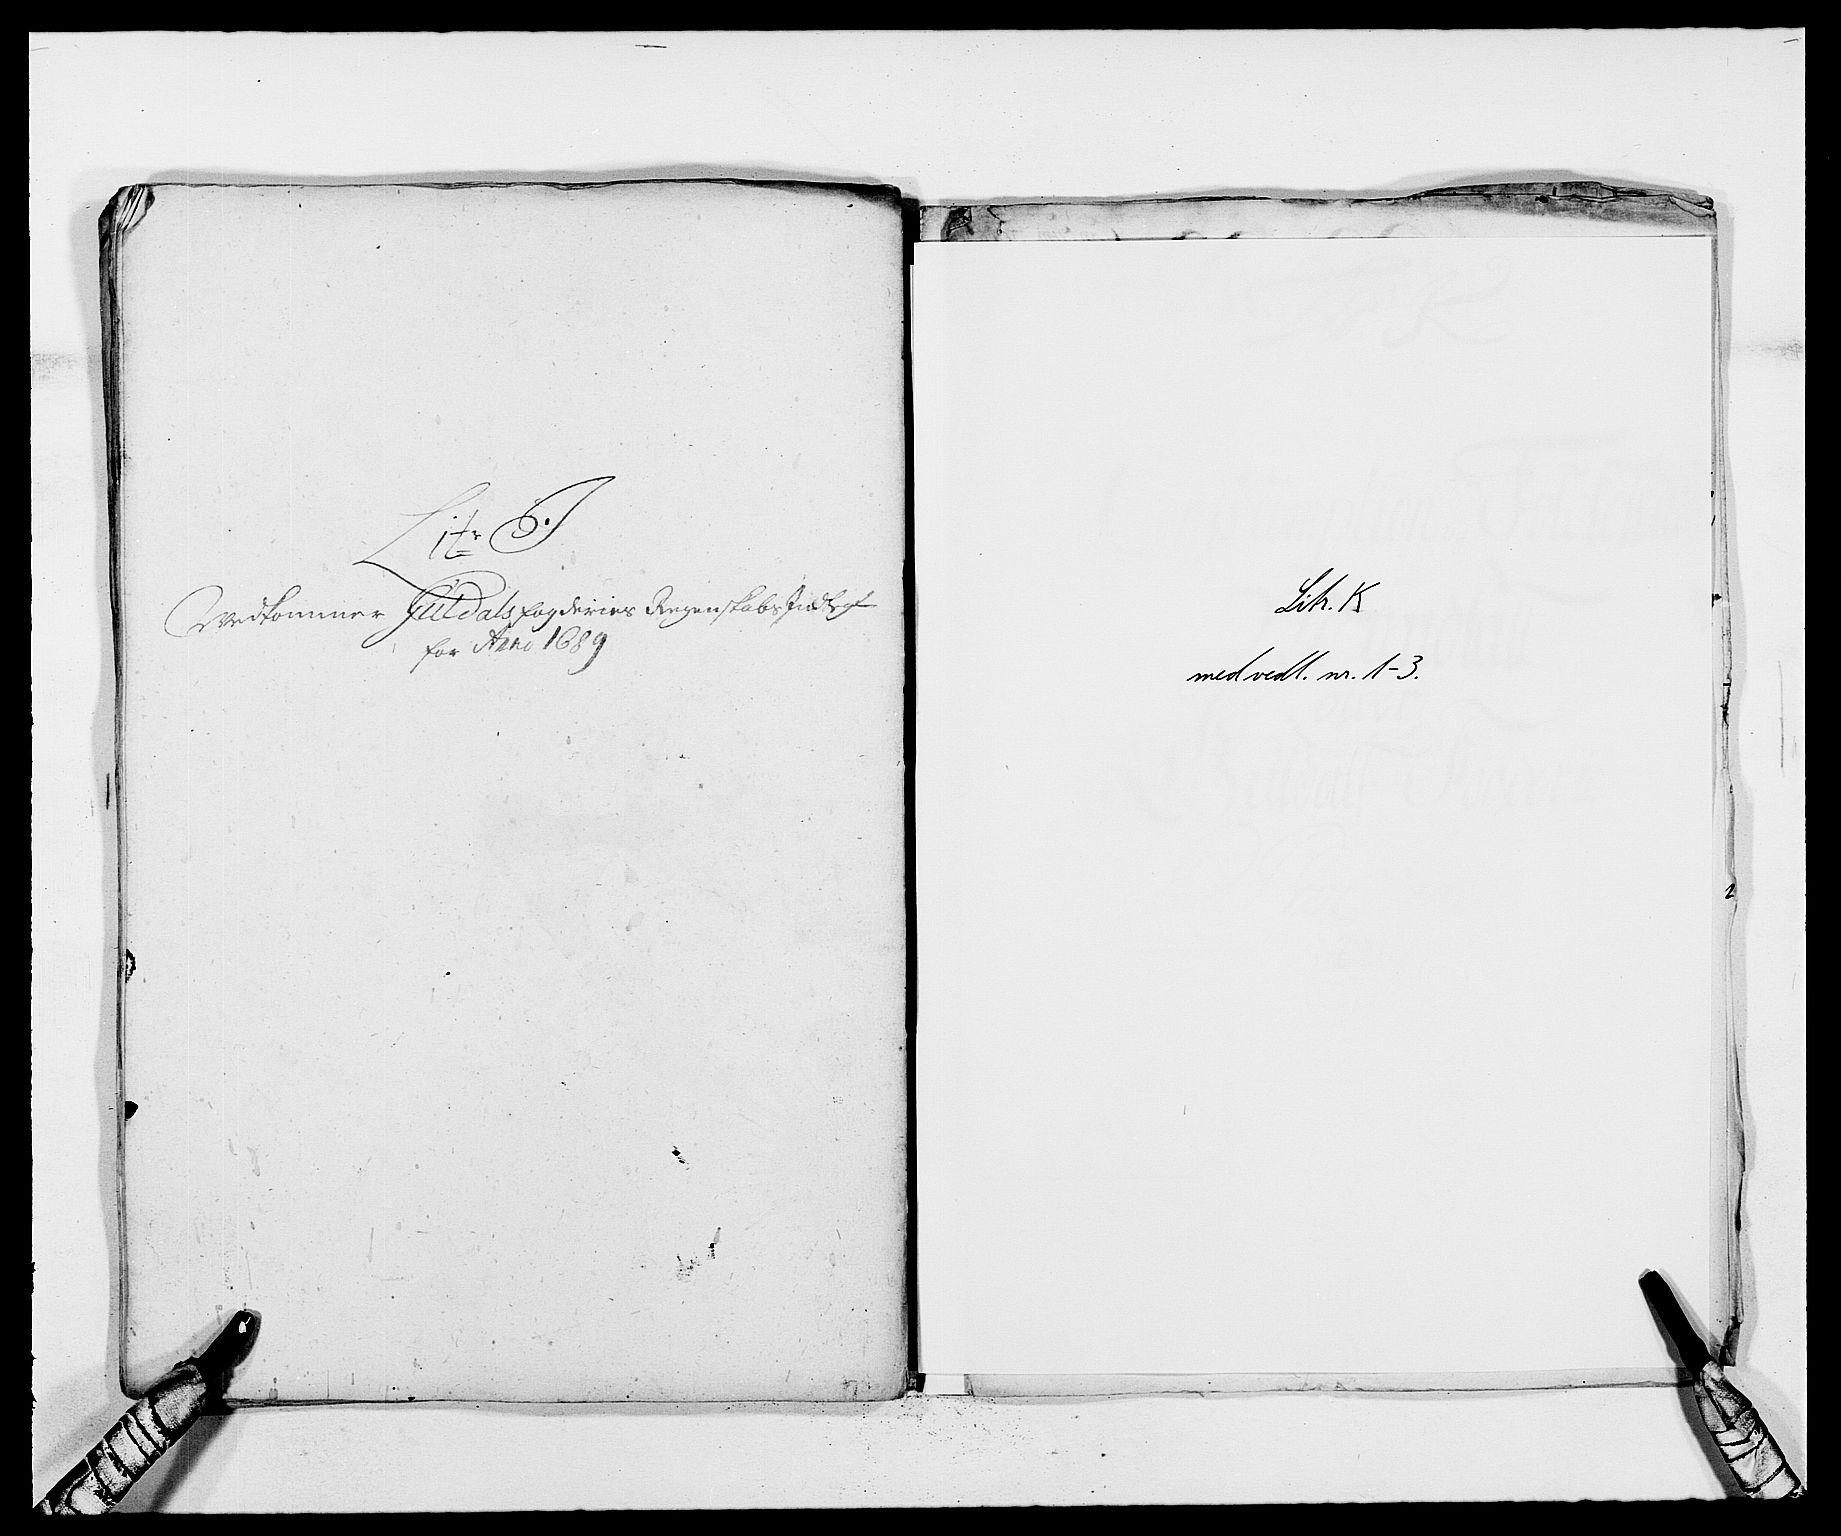 RA, Rentekammeret inntil 1814, Reviderte regnskaper, Fogderegnskap, R59/L3940: Fogderegnskap Gauldal, 1689-1690, s. 102